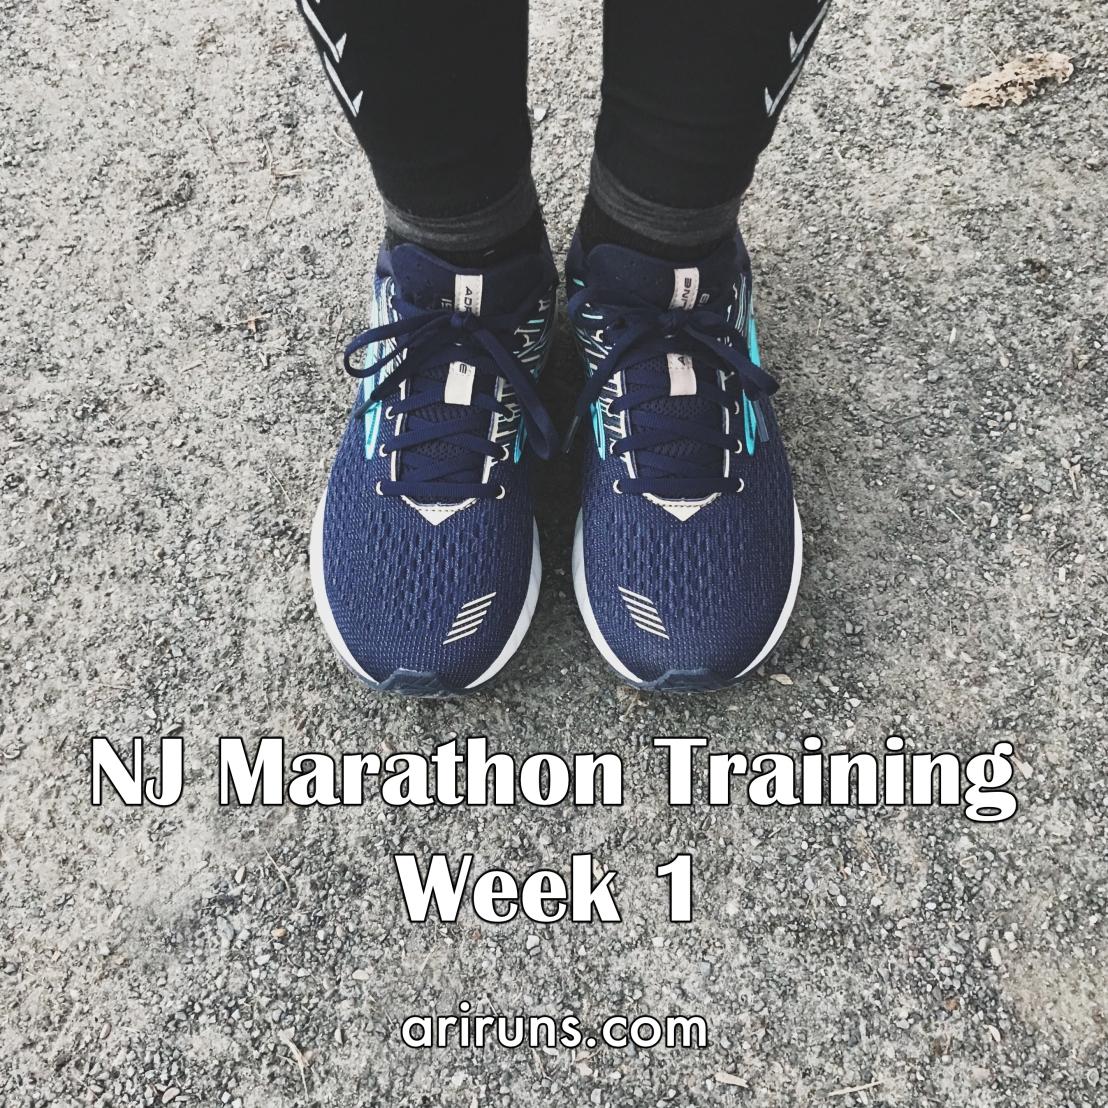 img_1680_nj marathon training week 1